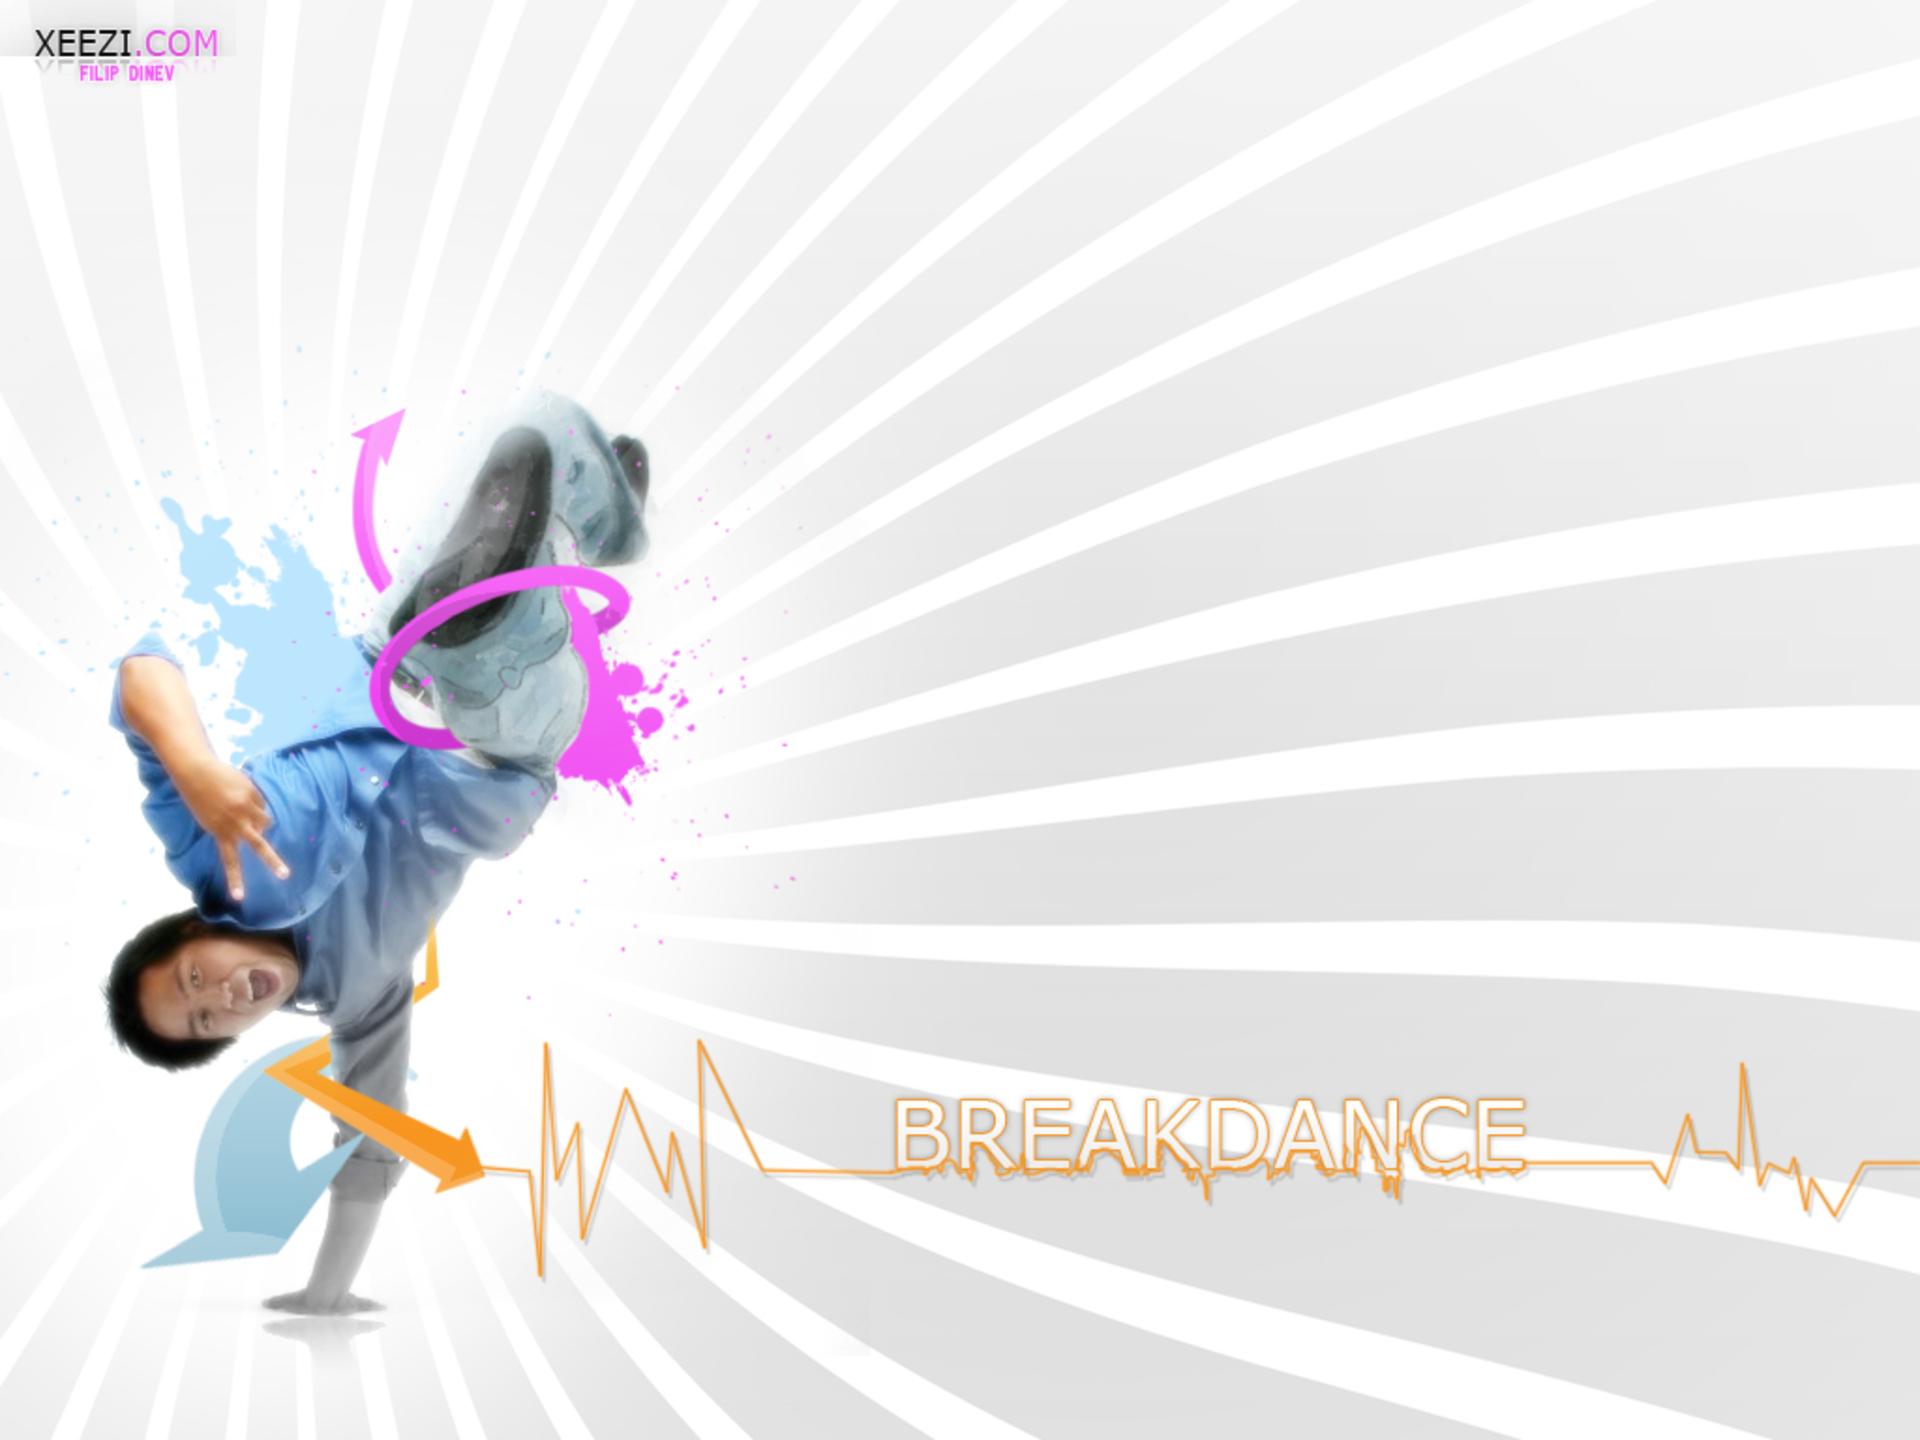 1920x1440 px  HD Desktop    Break Dance Breakdance Fever HD Wallpaper